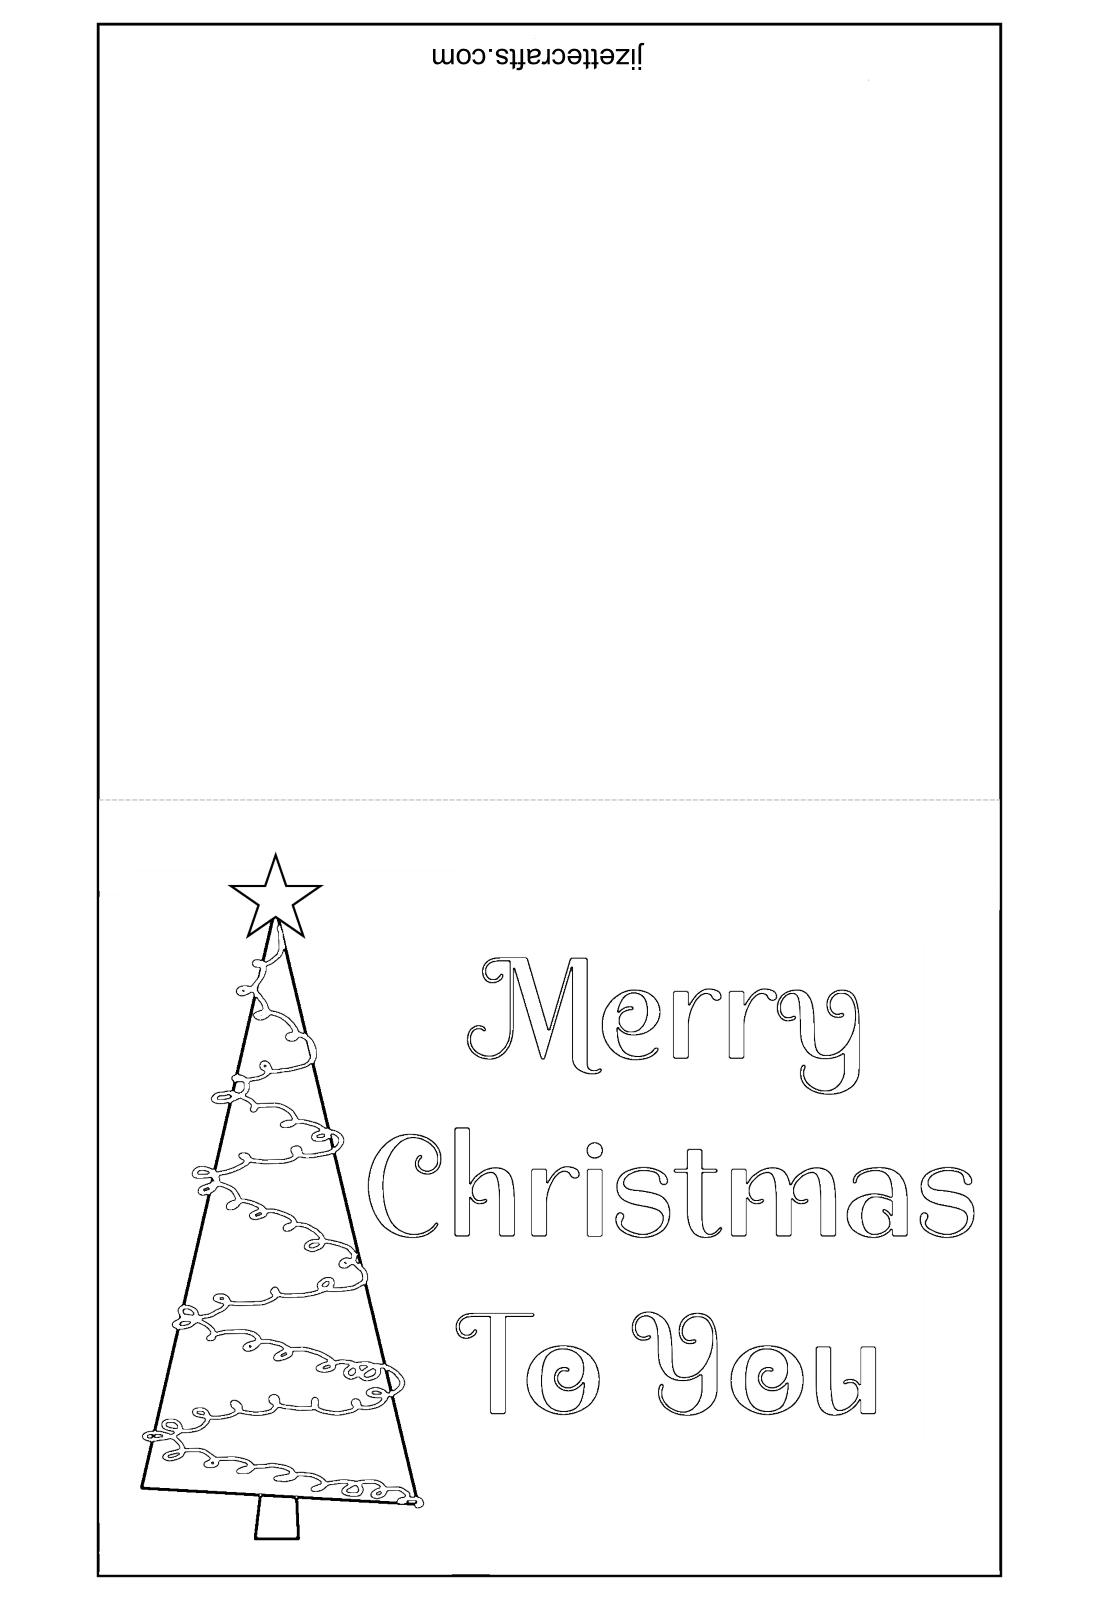 Printable Christmas Tree Cards - jizettecrafts.com